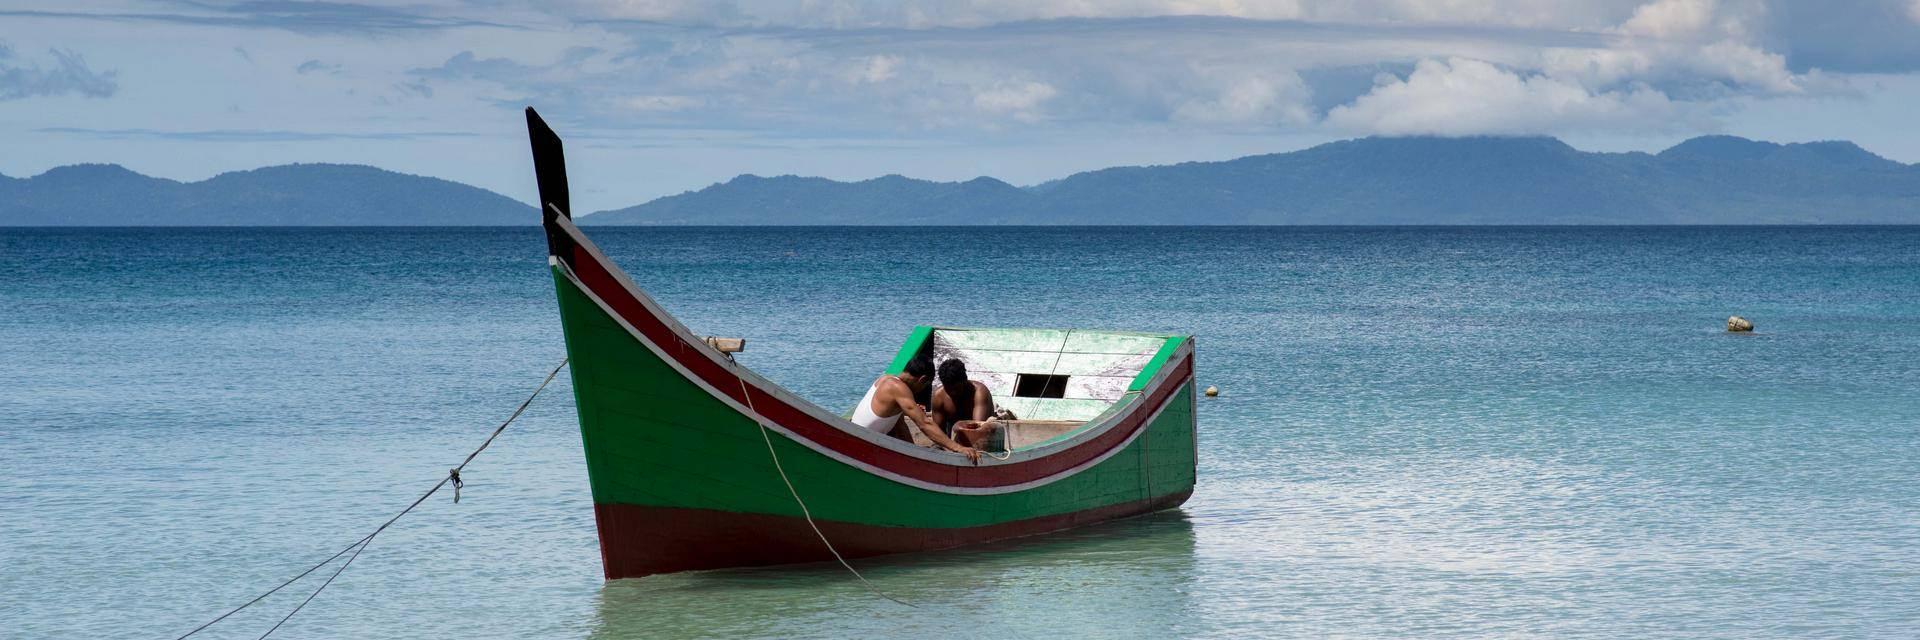 9 Hal Mengejutkan yang Bisa Dolaners Temukan di Pulau Breueh Aceh Besar 9 Hal Mengejutkan yang Bisa Dolaners Temukan di Pulau Breueh Aceh Besar - Dolan Dolen